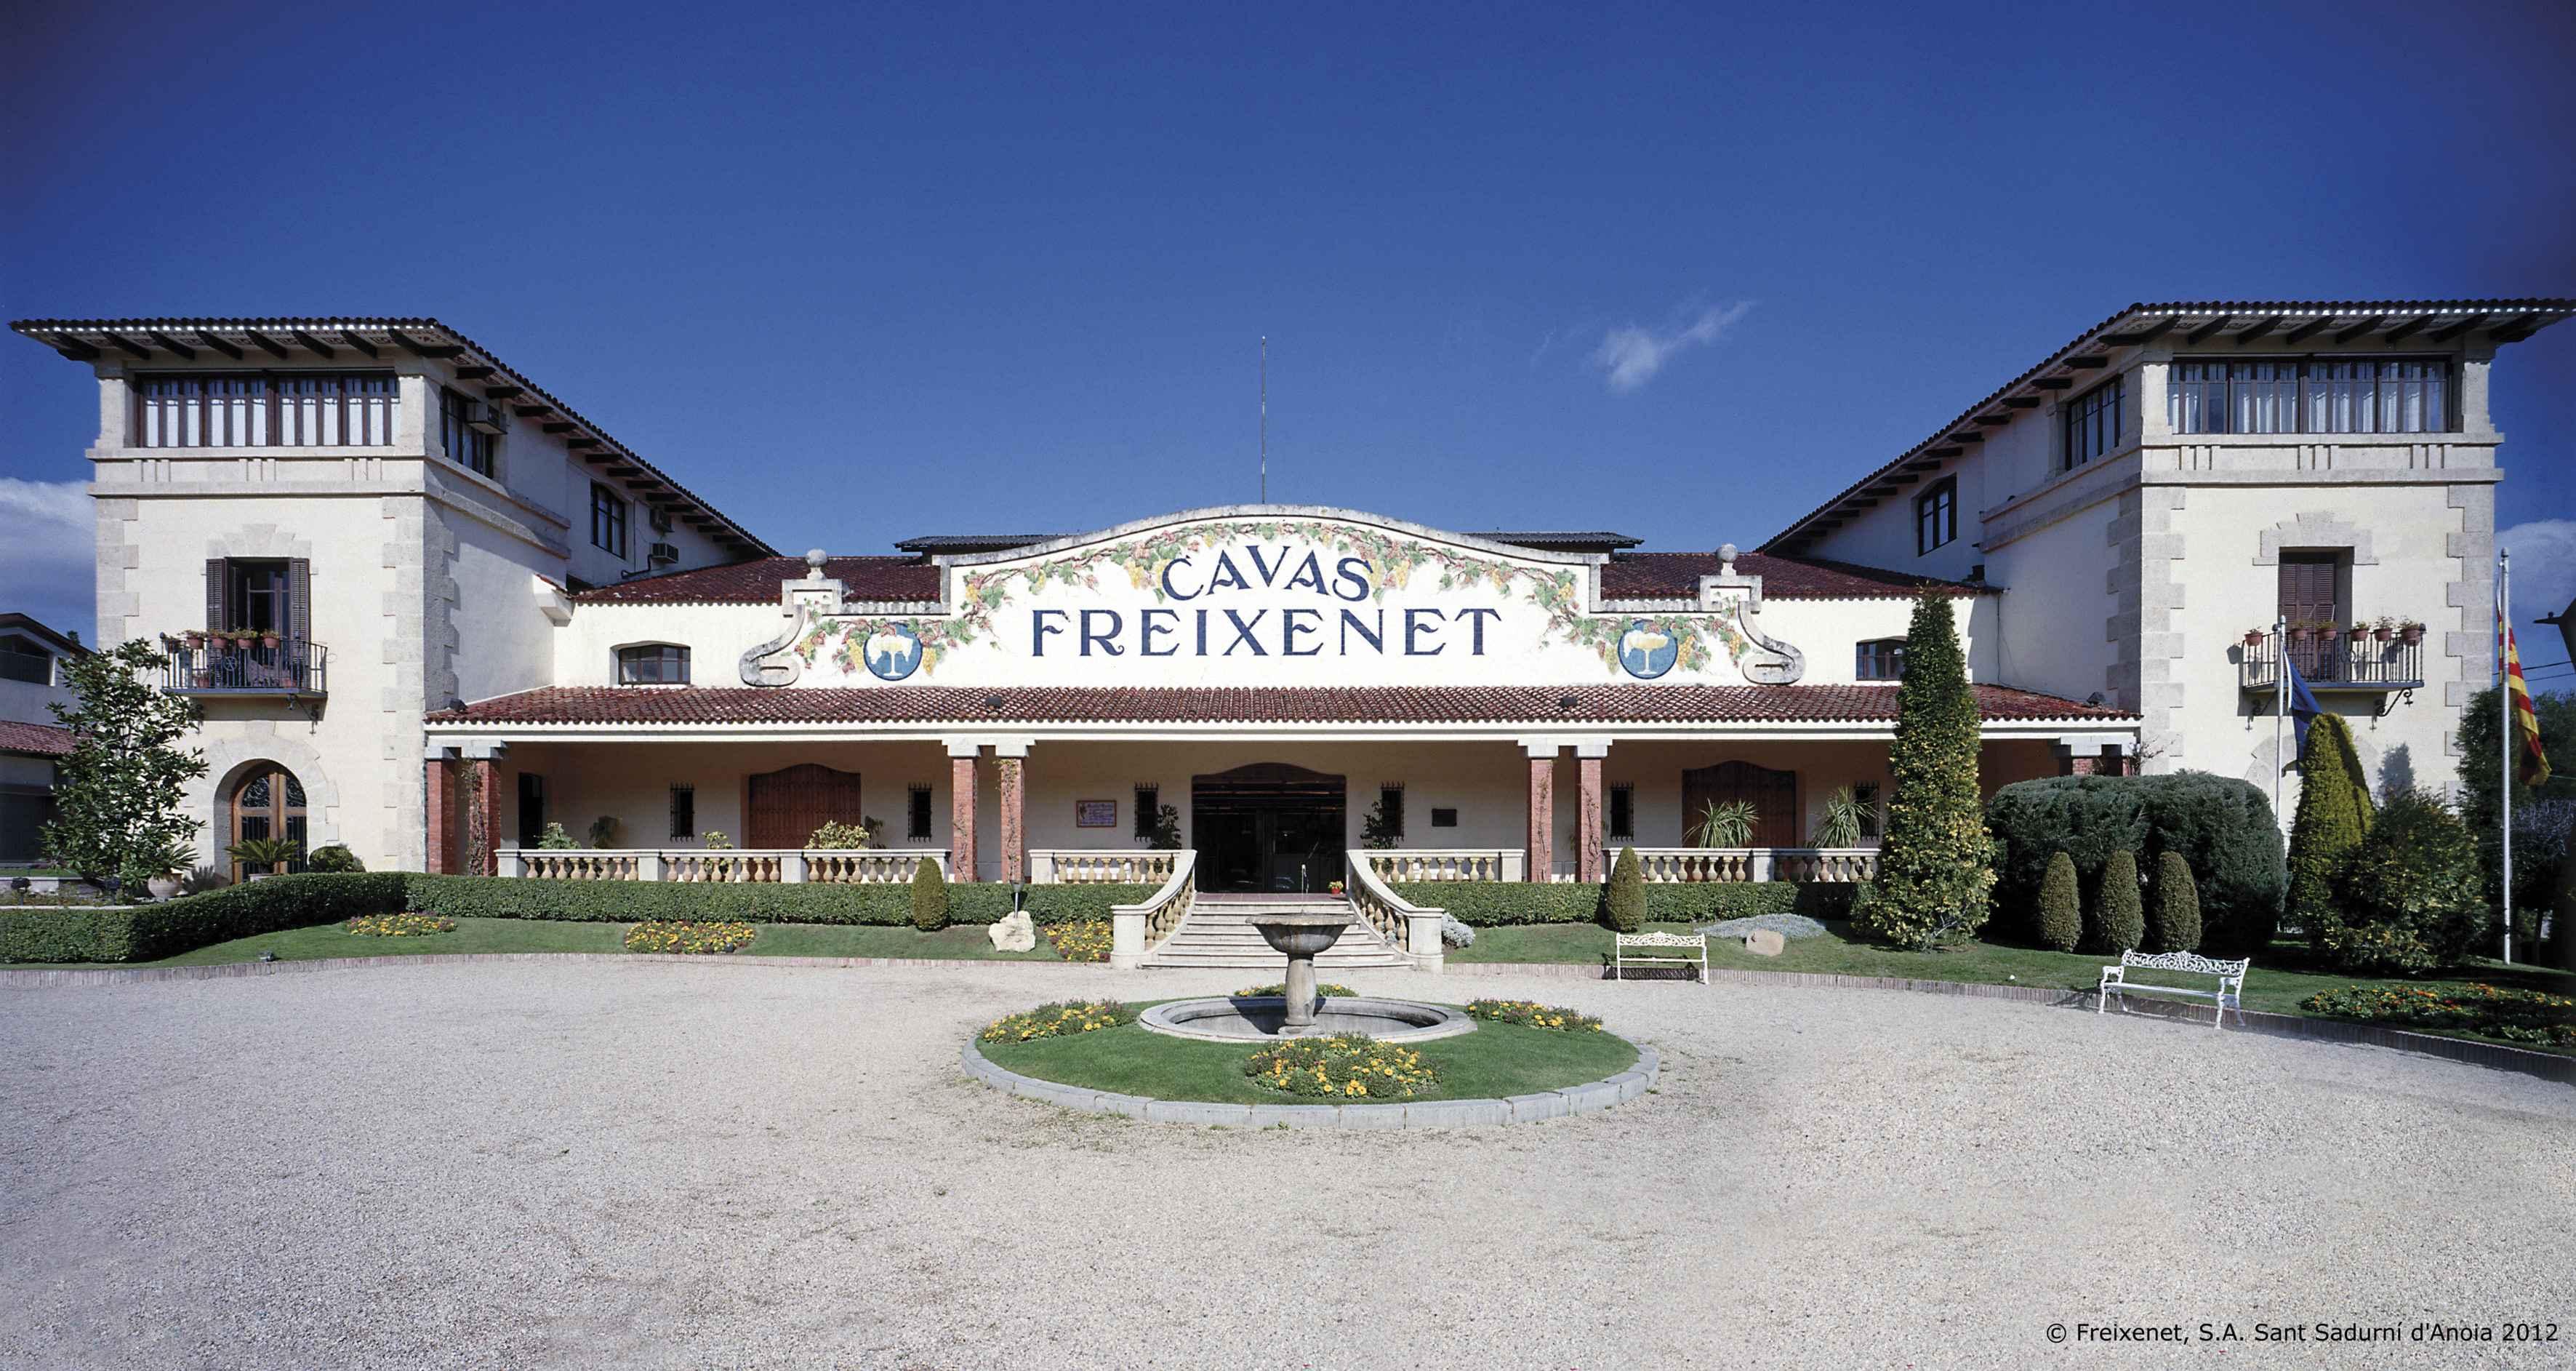 Freixenet contará por primera vez con un stand propio para dar a conocer sus productos en FENAVIN 2017